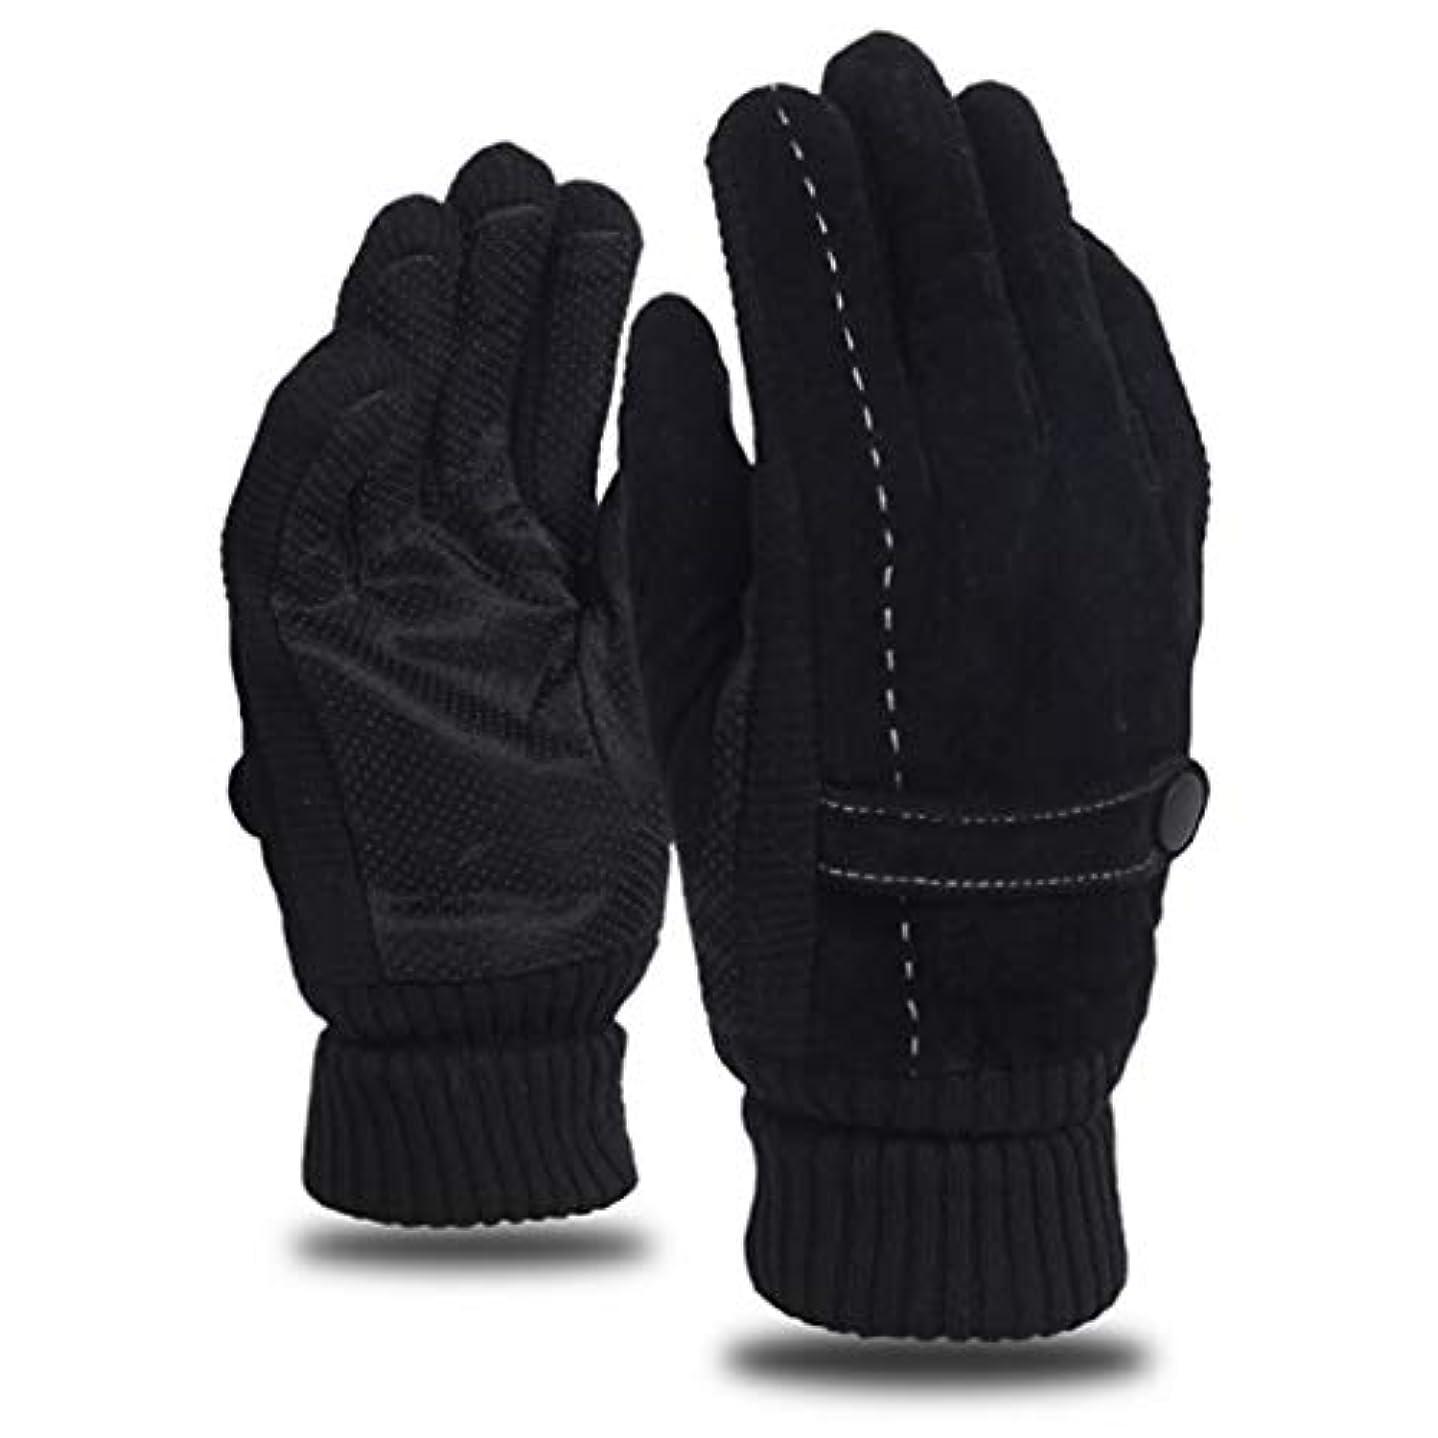 前部共和党ホールドレザーグローブメンズウィンライディングプラスベルベット厚手暖かいドライビングアウトドアオートバイ防風コールドノンスリップメンズコットン手袋 (色 : 黒)